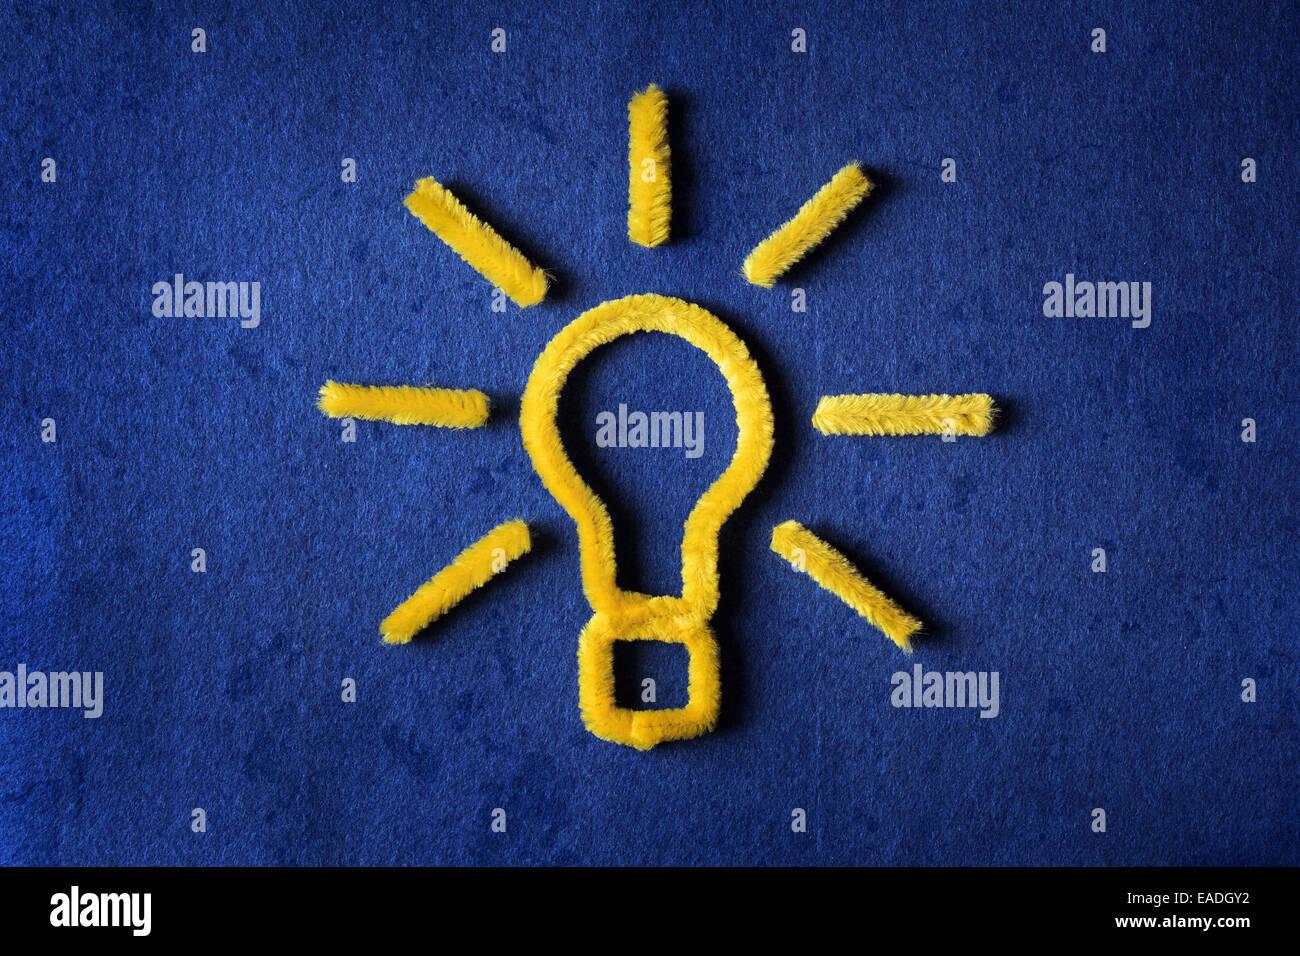 Inspiration-Konzept gelben Pfeifenputzer Glühbirne Metapher für gute Idee Stockbild